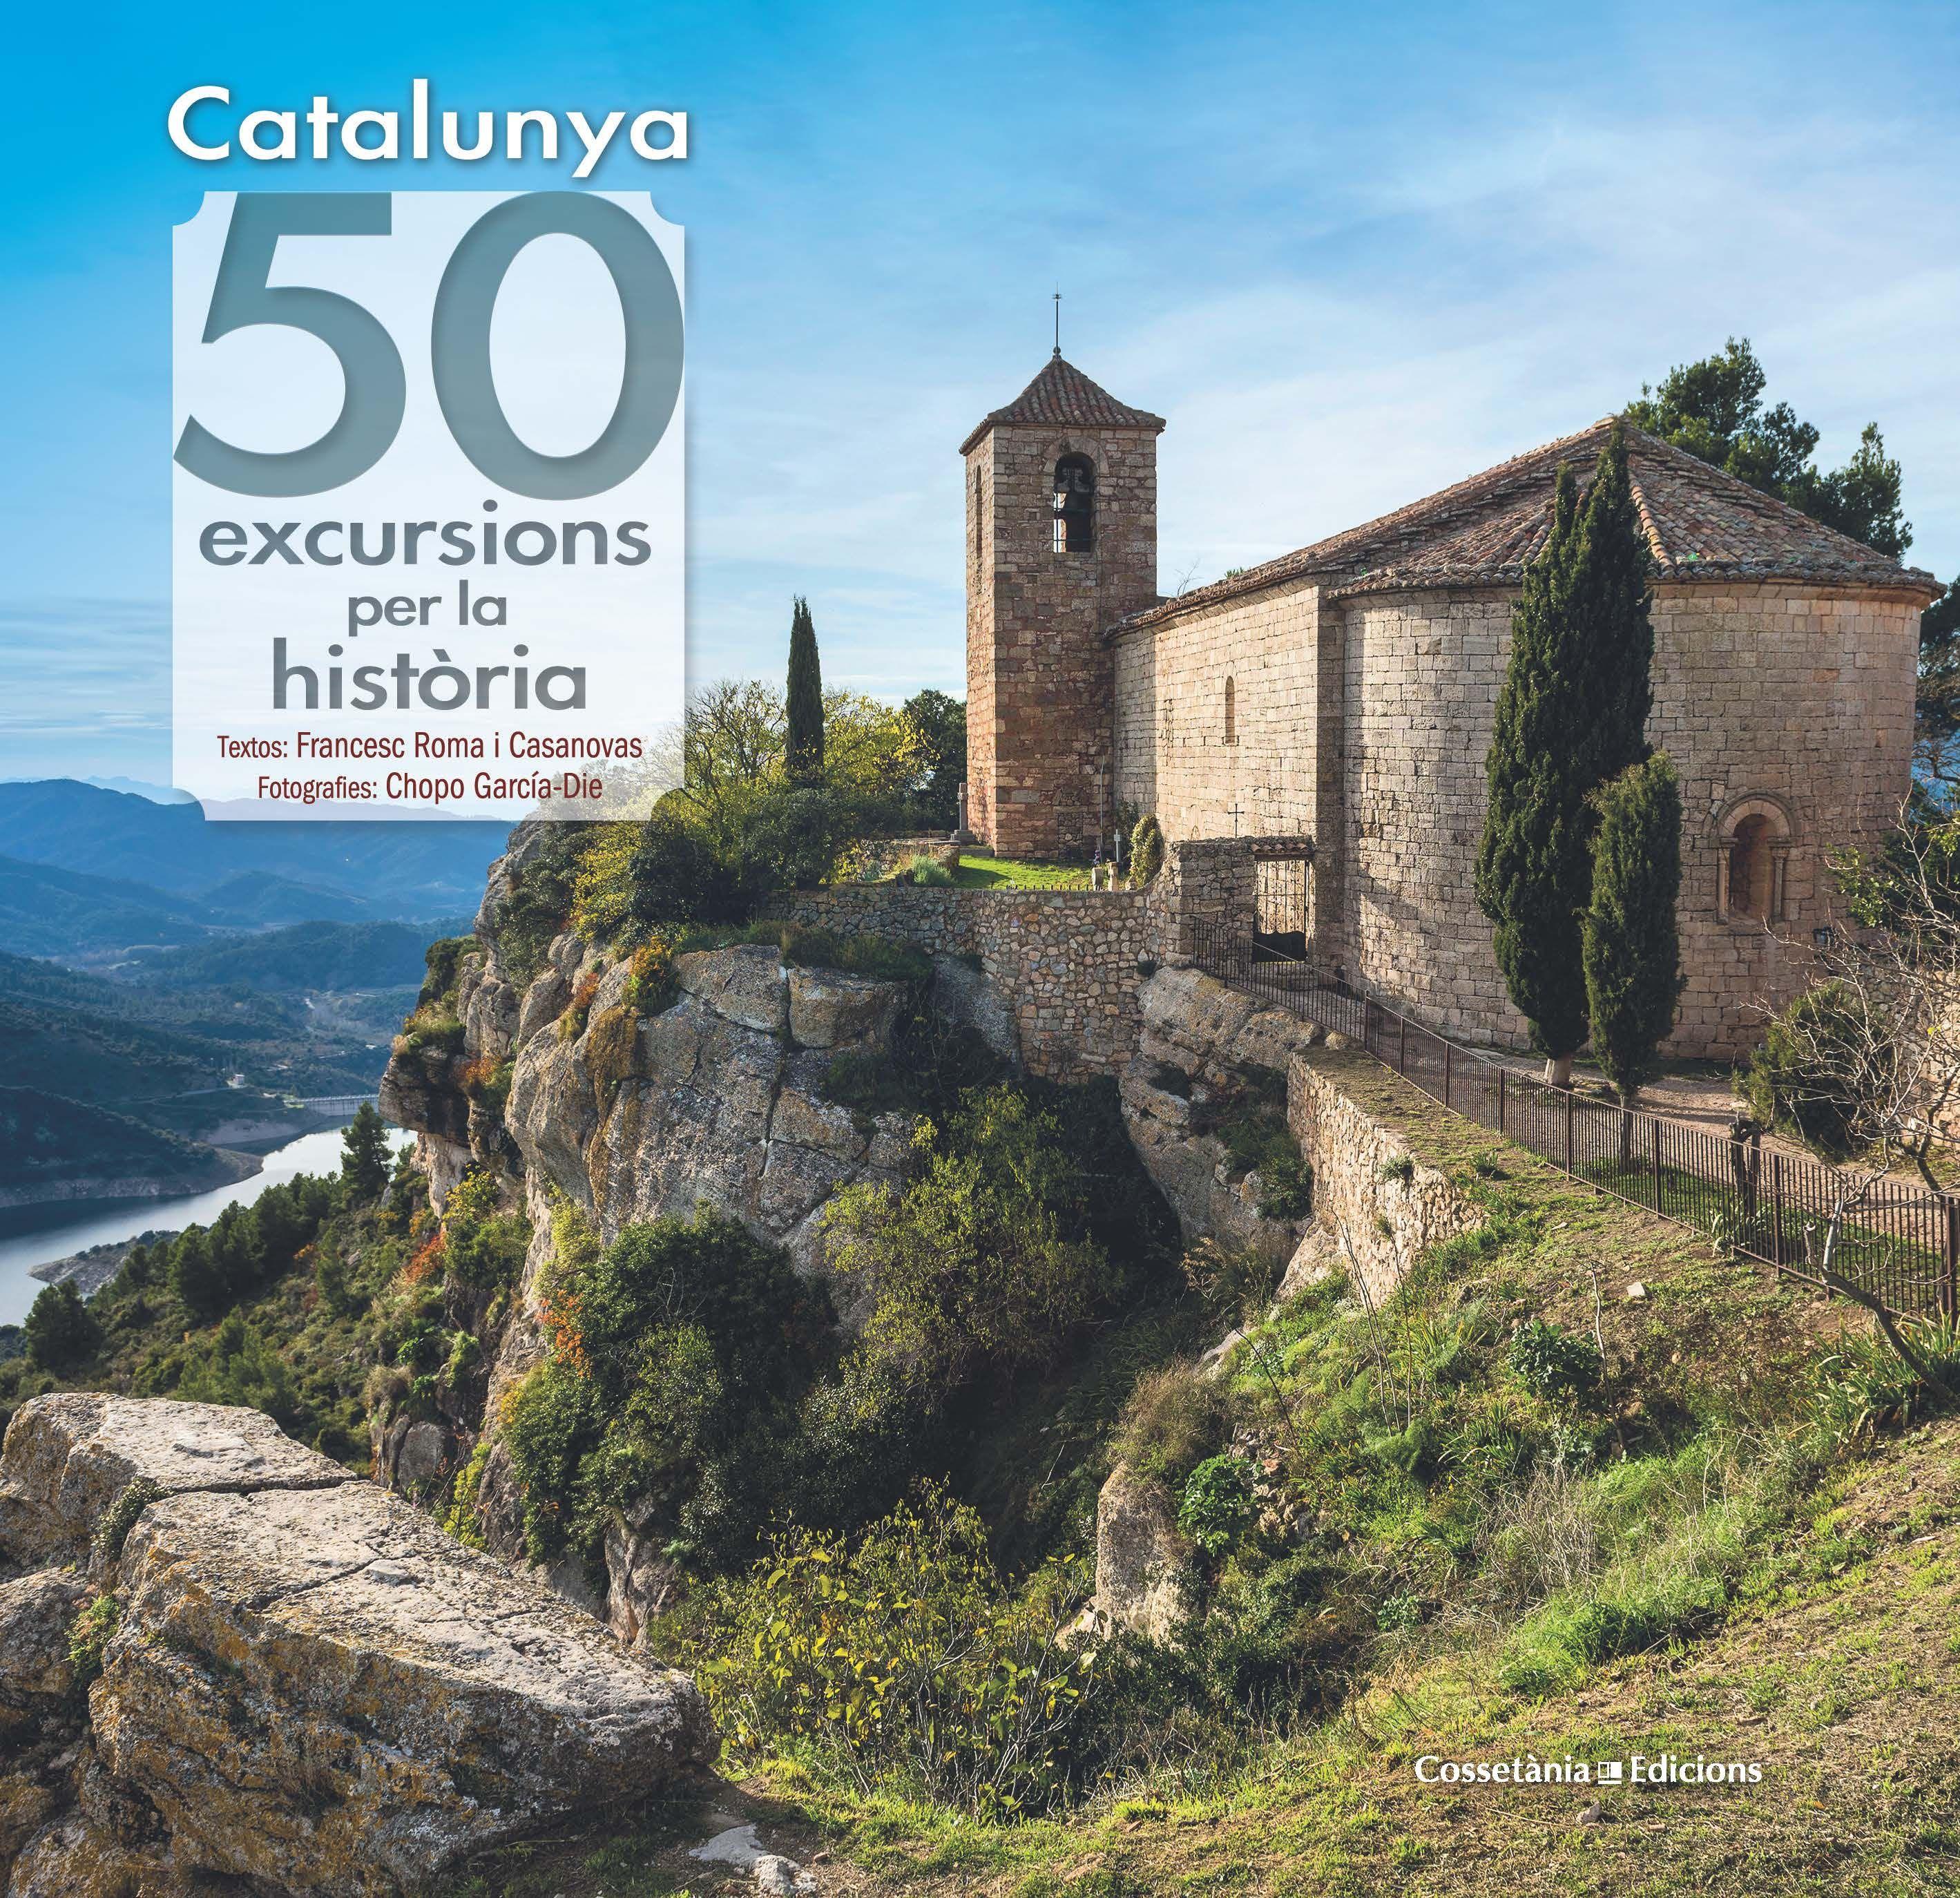 CATALUNYA 50 EXCURSIONS PER LA HISTORIA